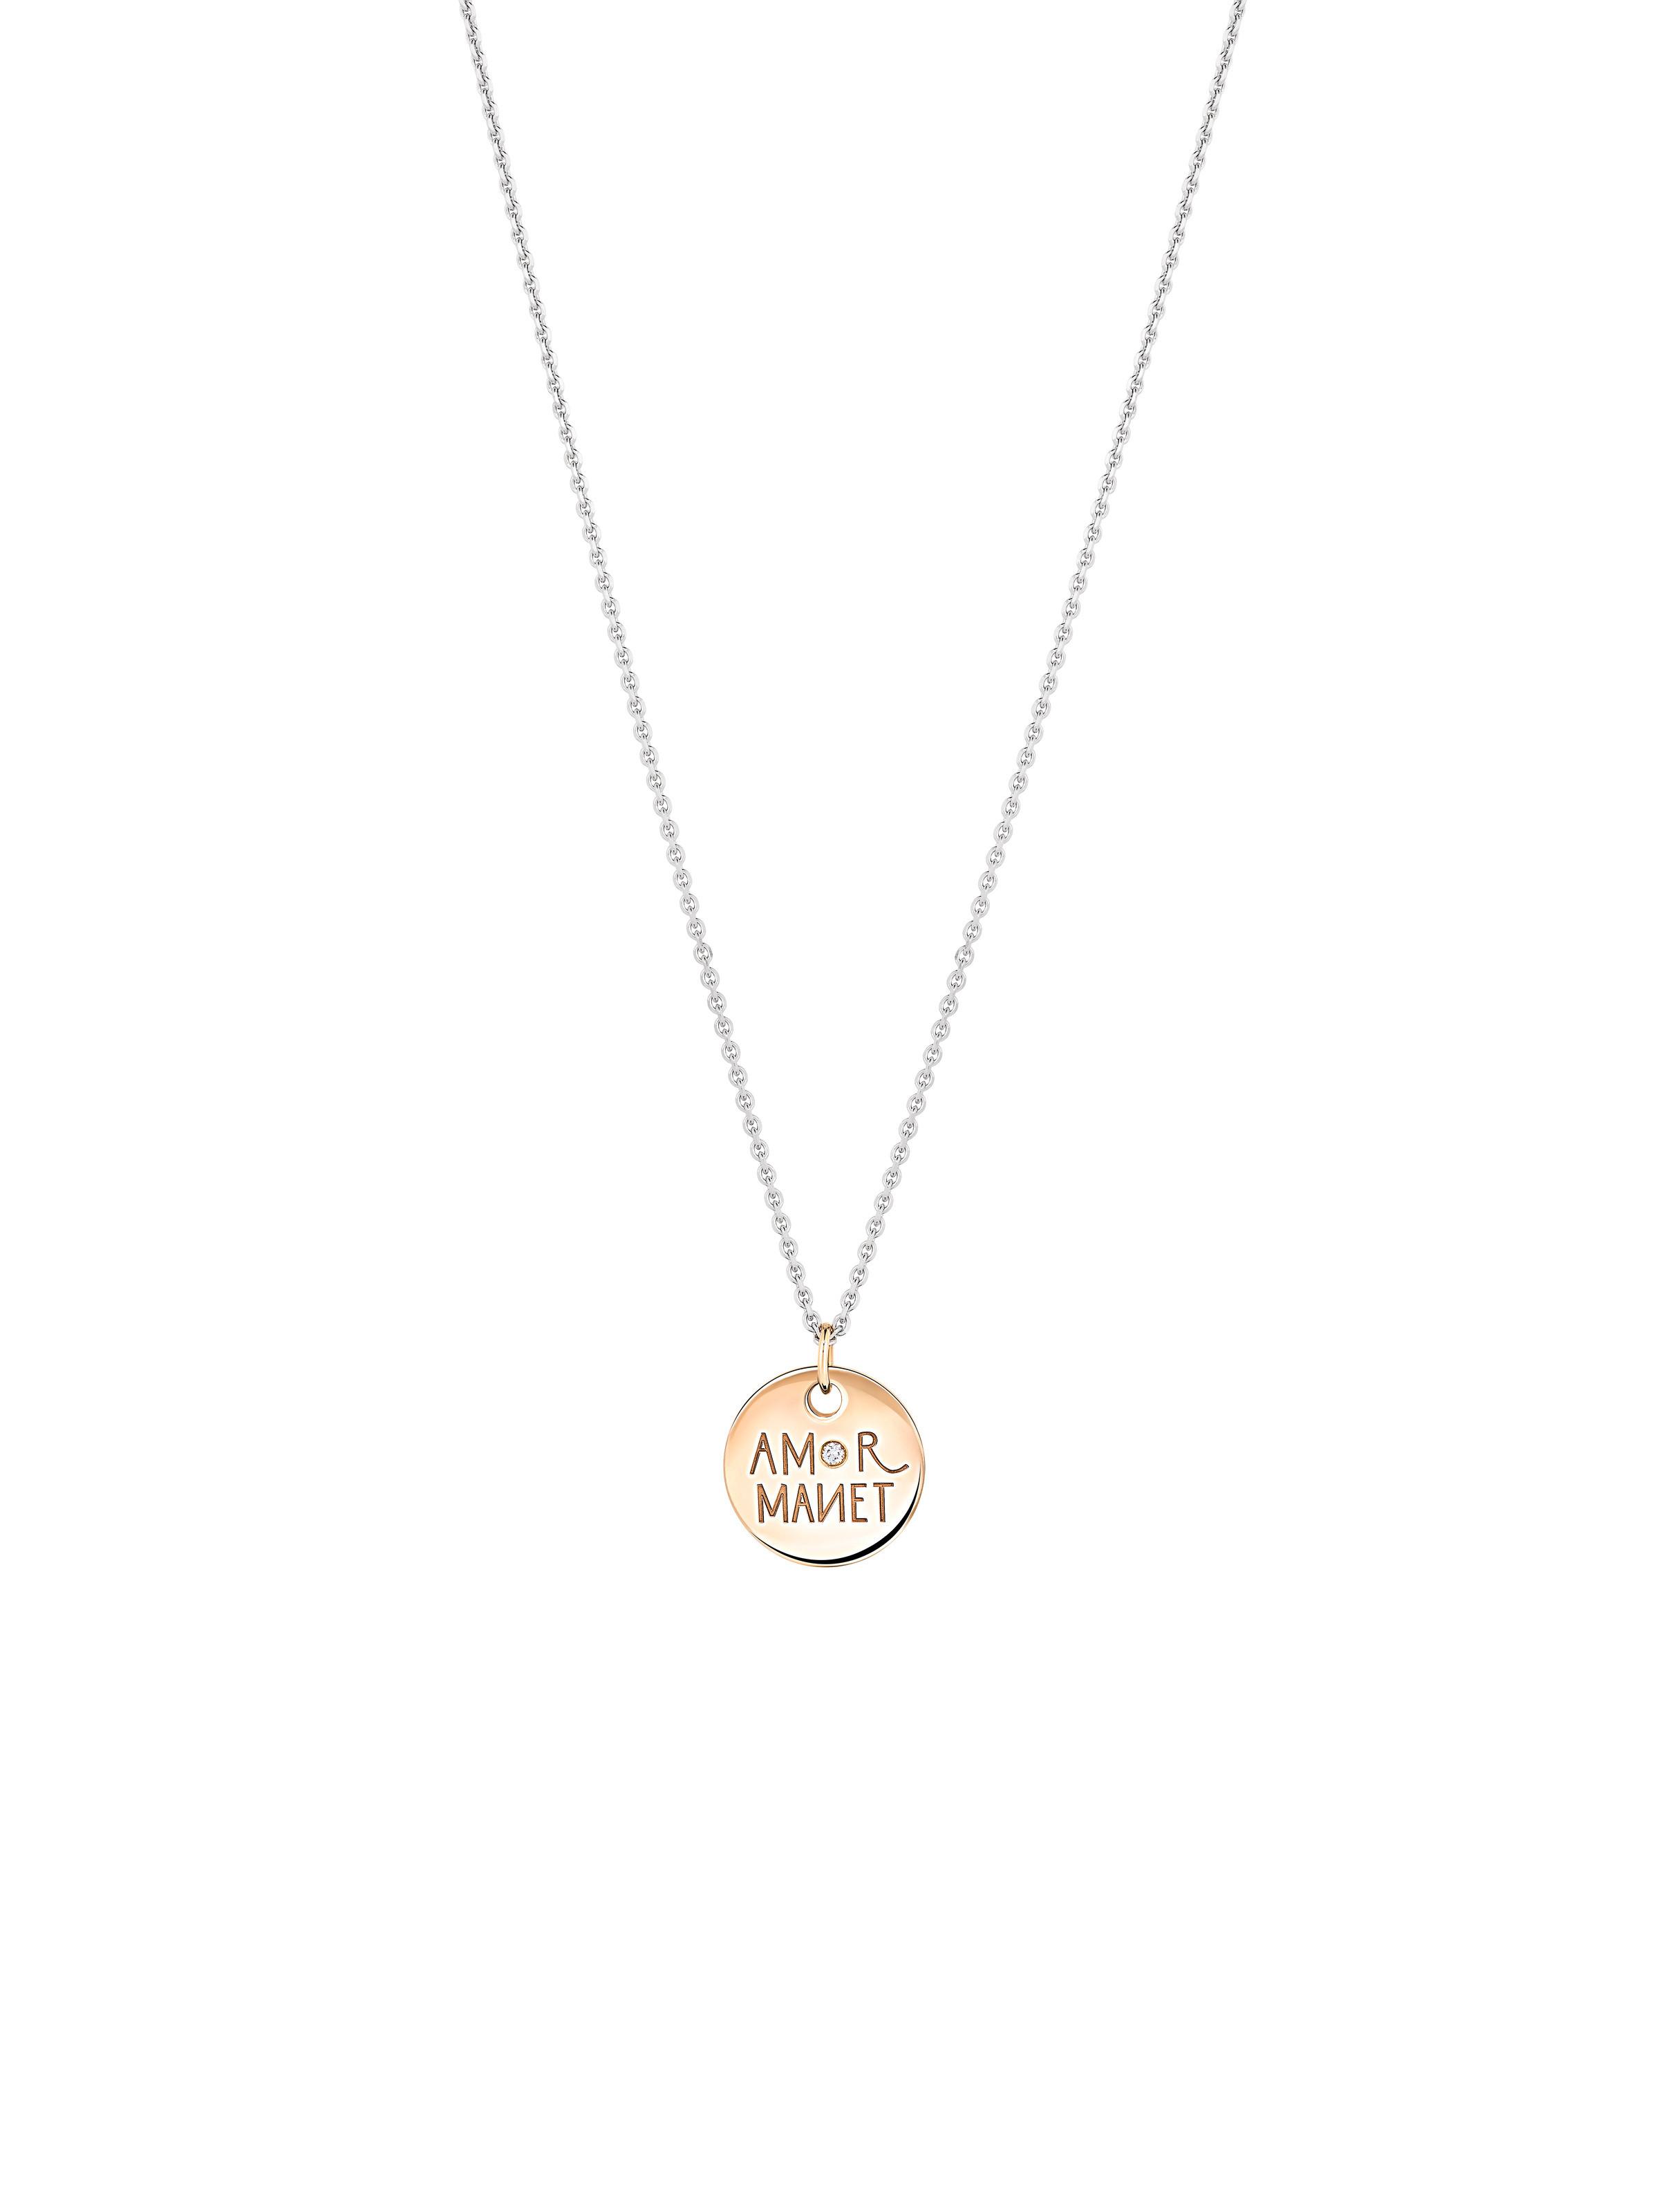 Lucky Amor Manet pendant